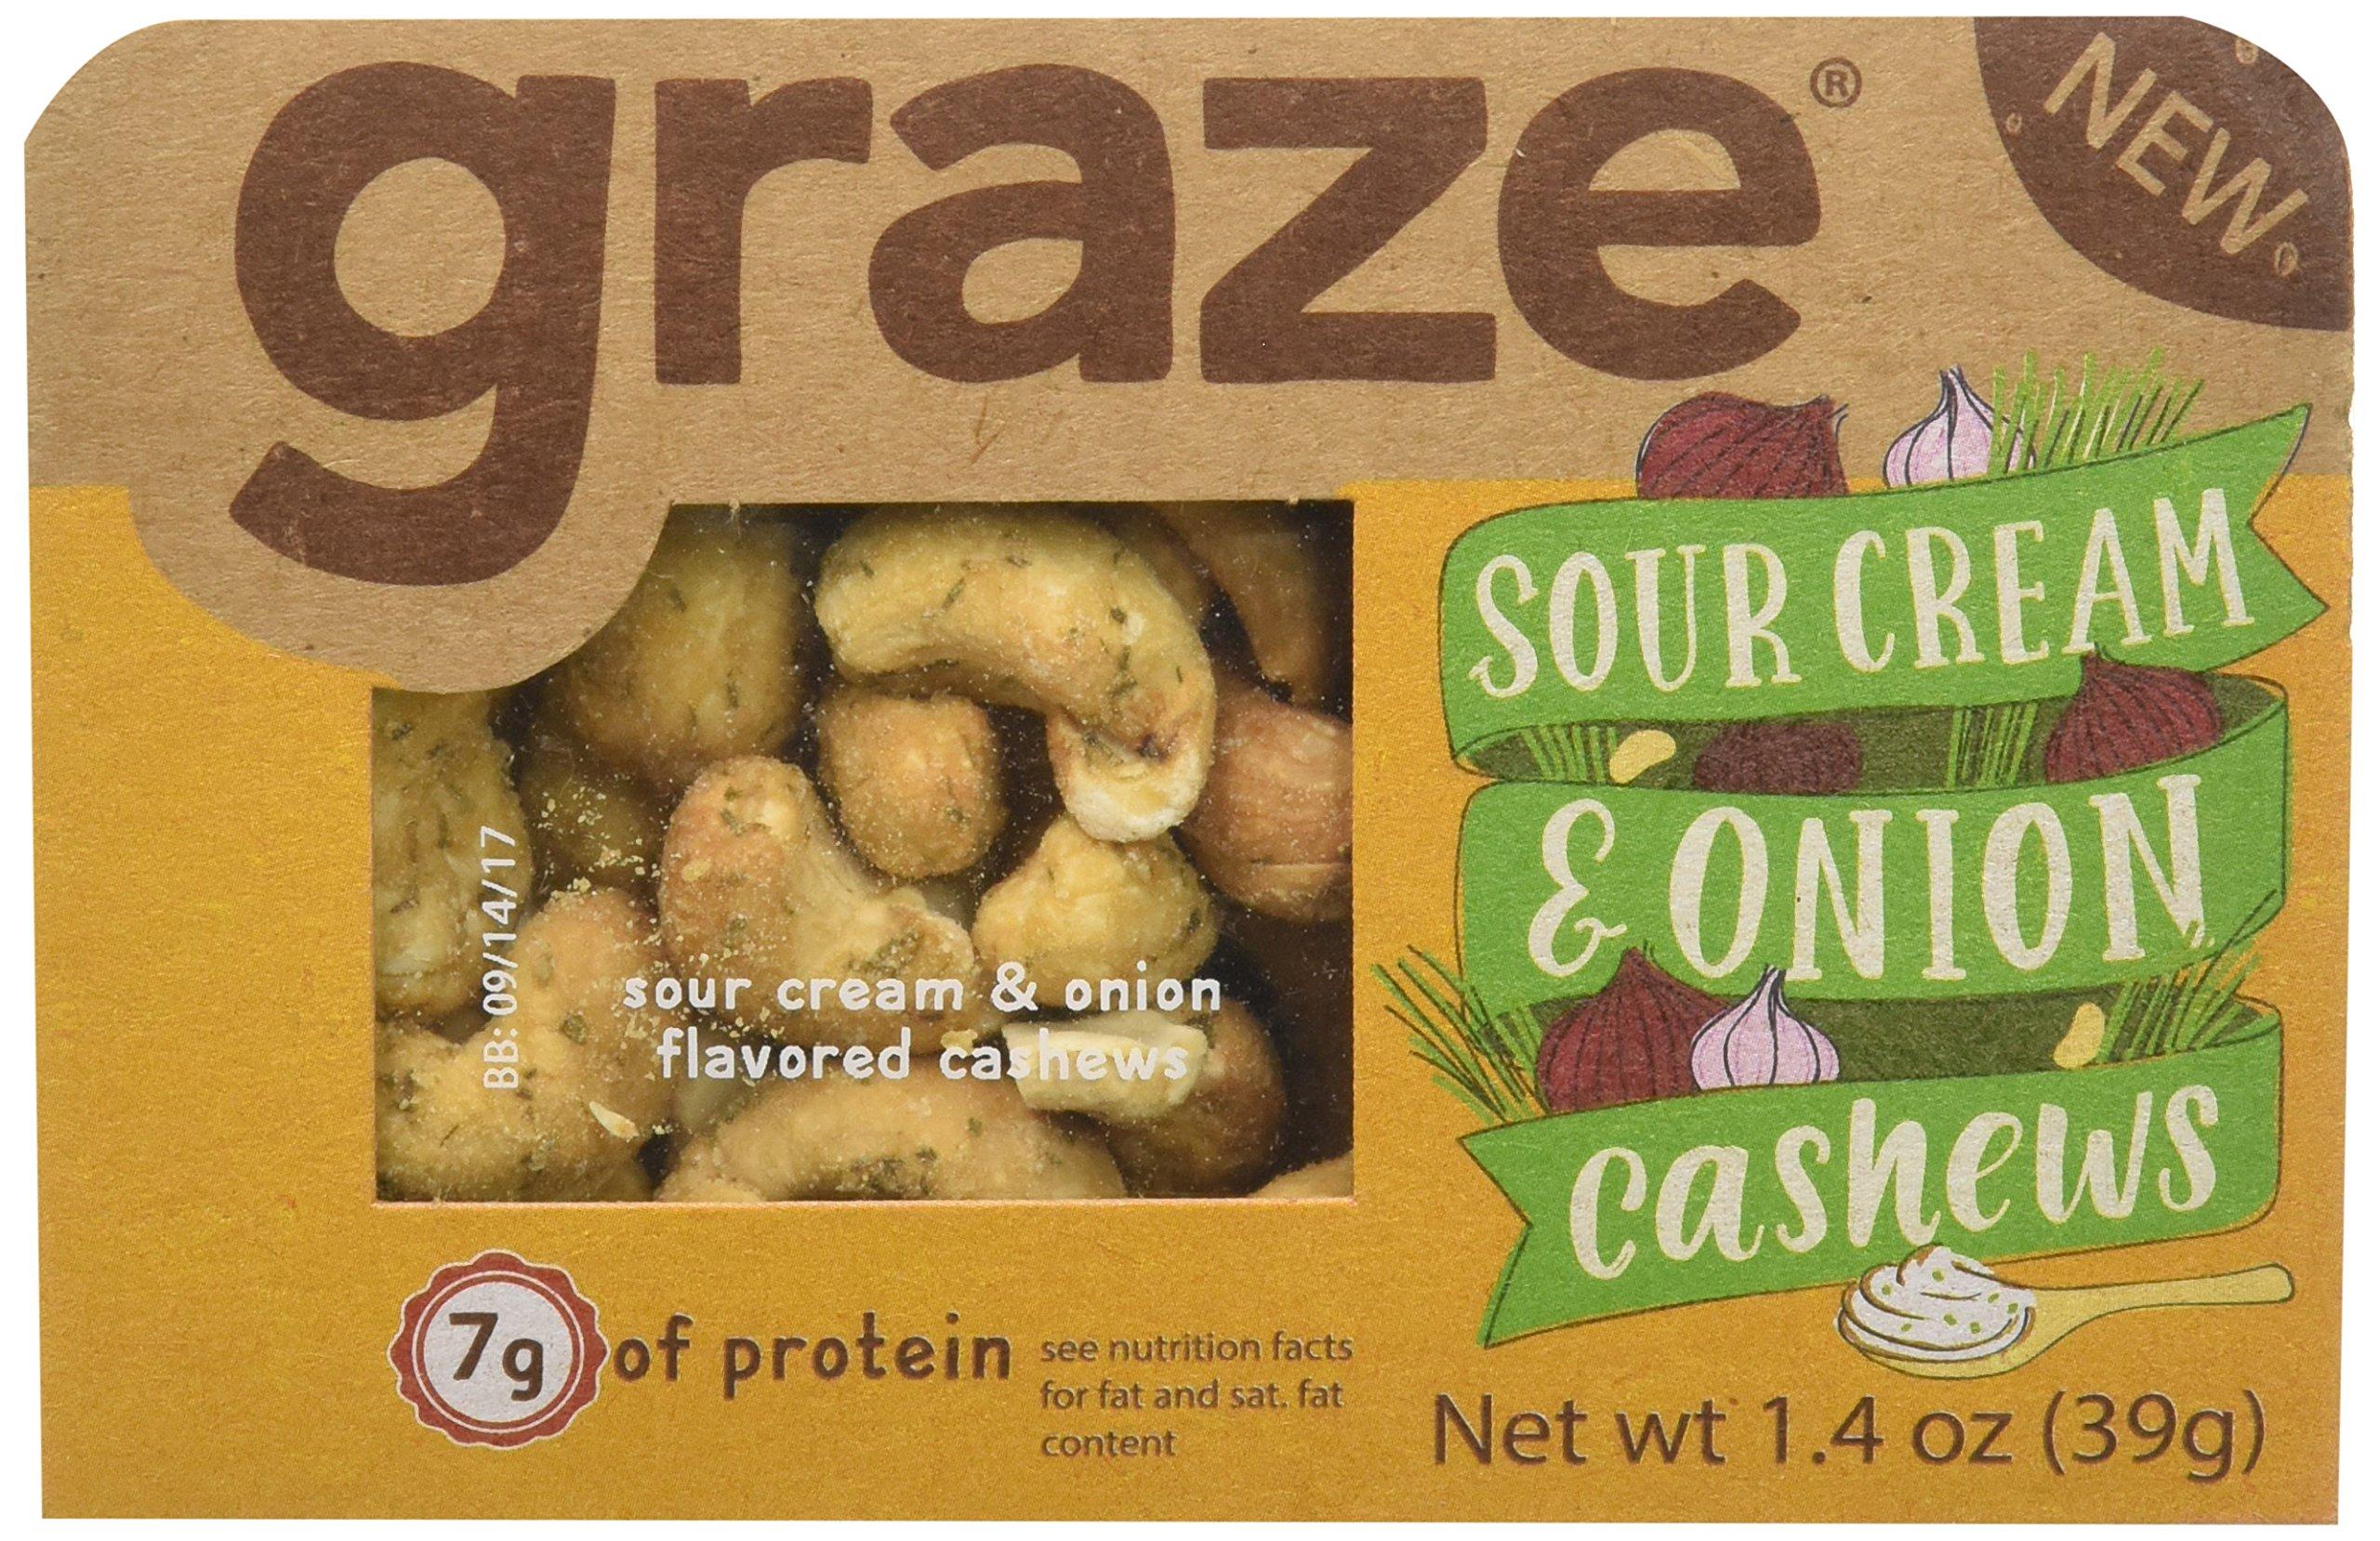 Graze Sour Cream and Onion Cashews, 1.4 Oz, 9 Count